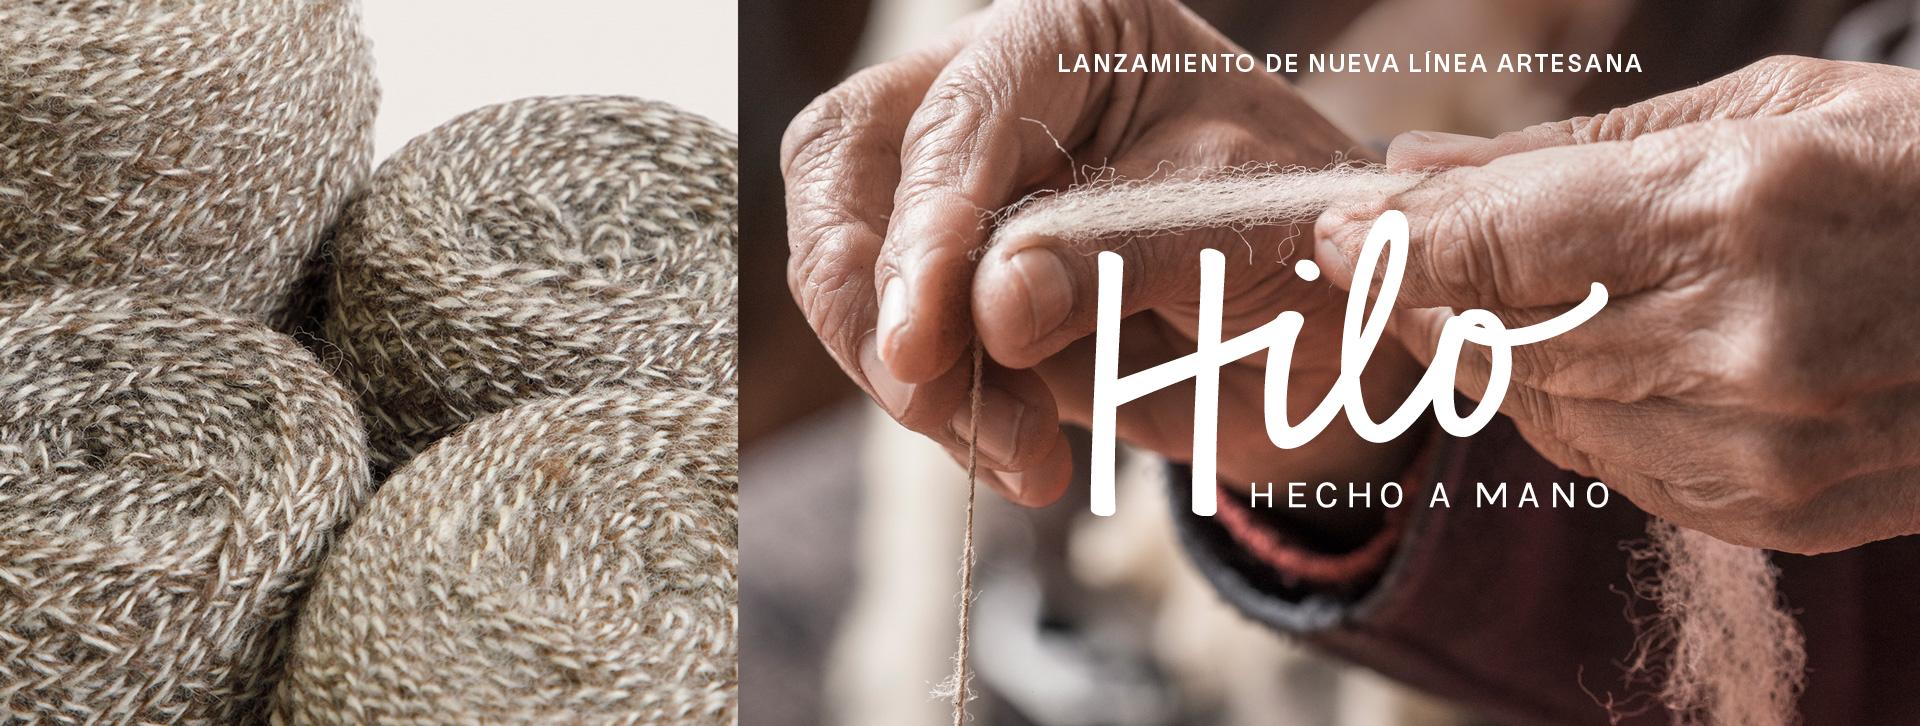 """""""HILO HECHO A MANO"""": nueva línea para revalorizar a las hilanderas"""